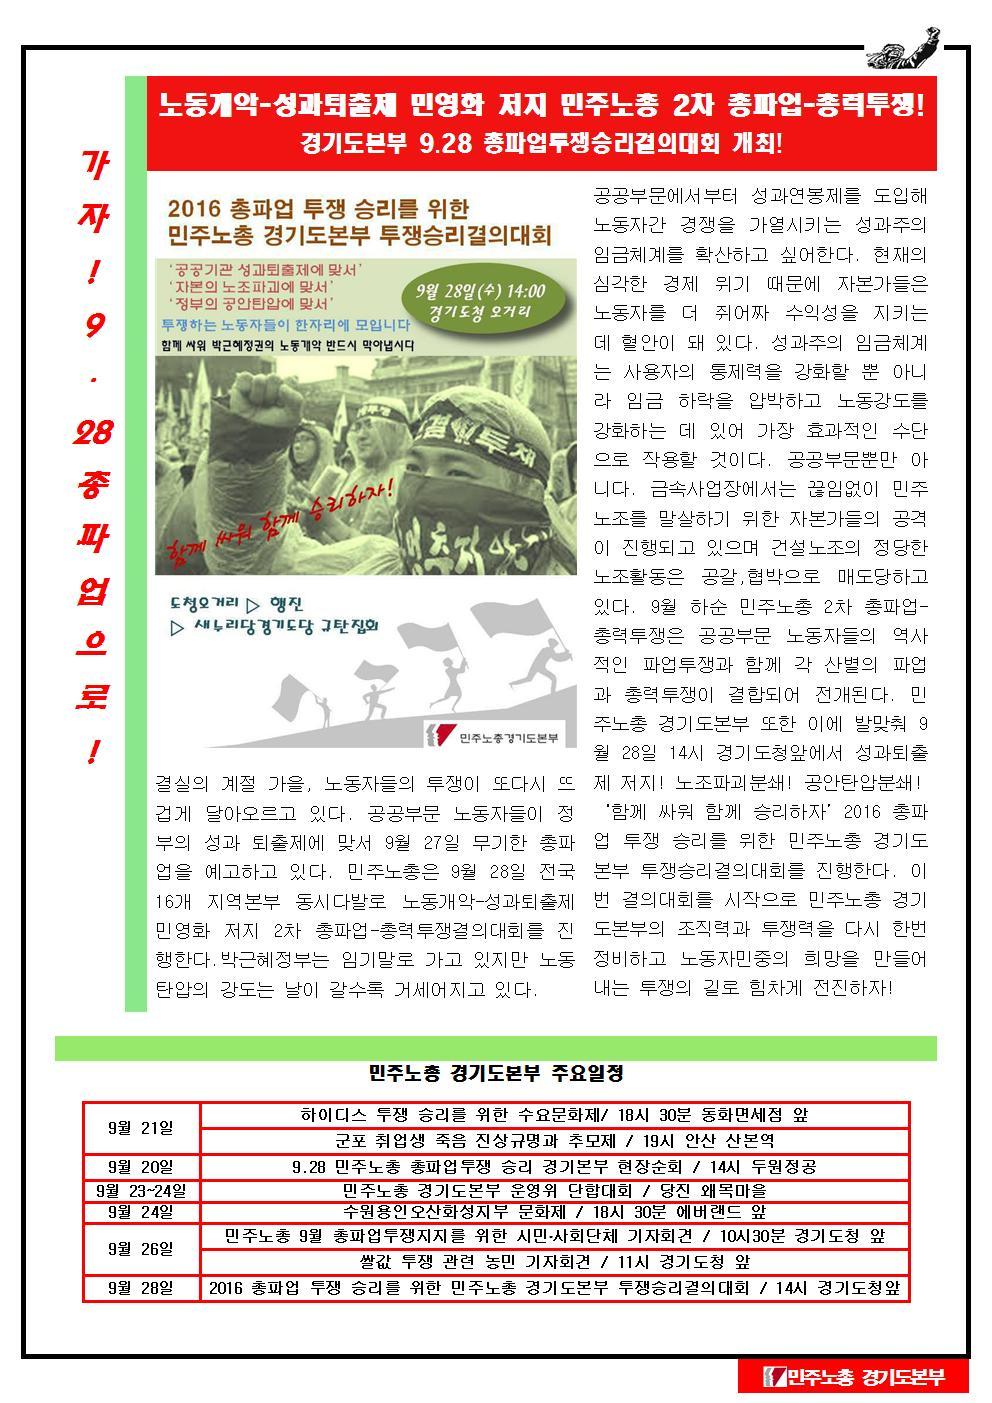 본부주간소식지2016-7호002.jpg